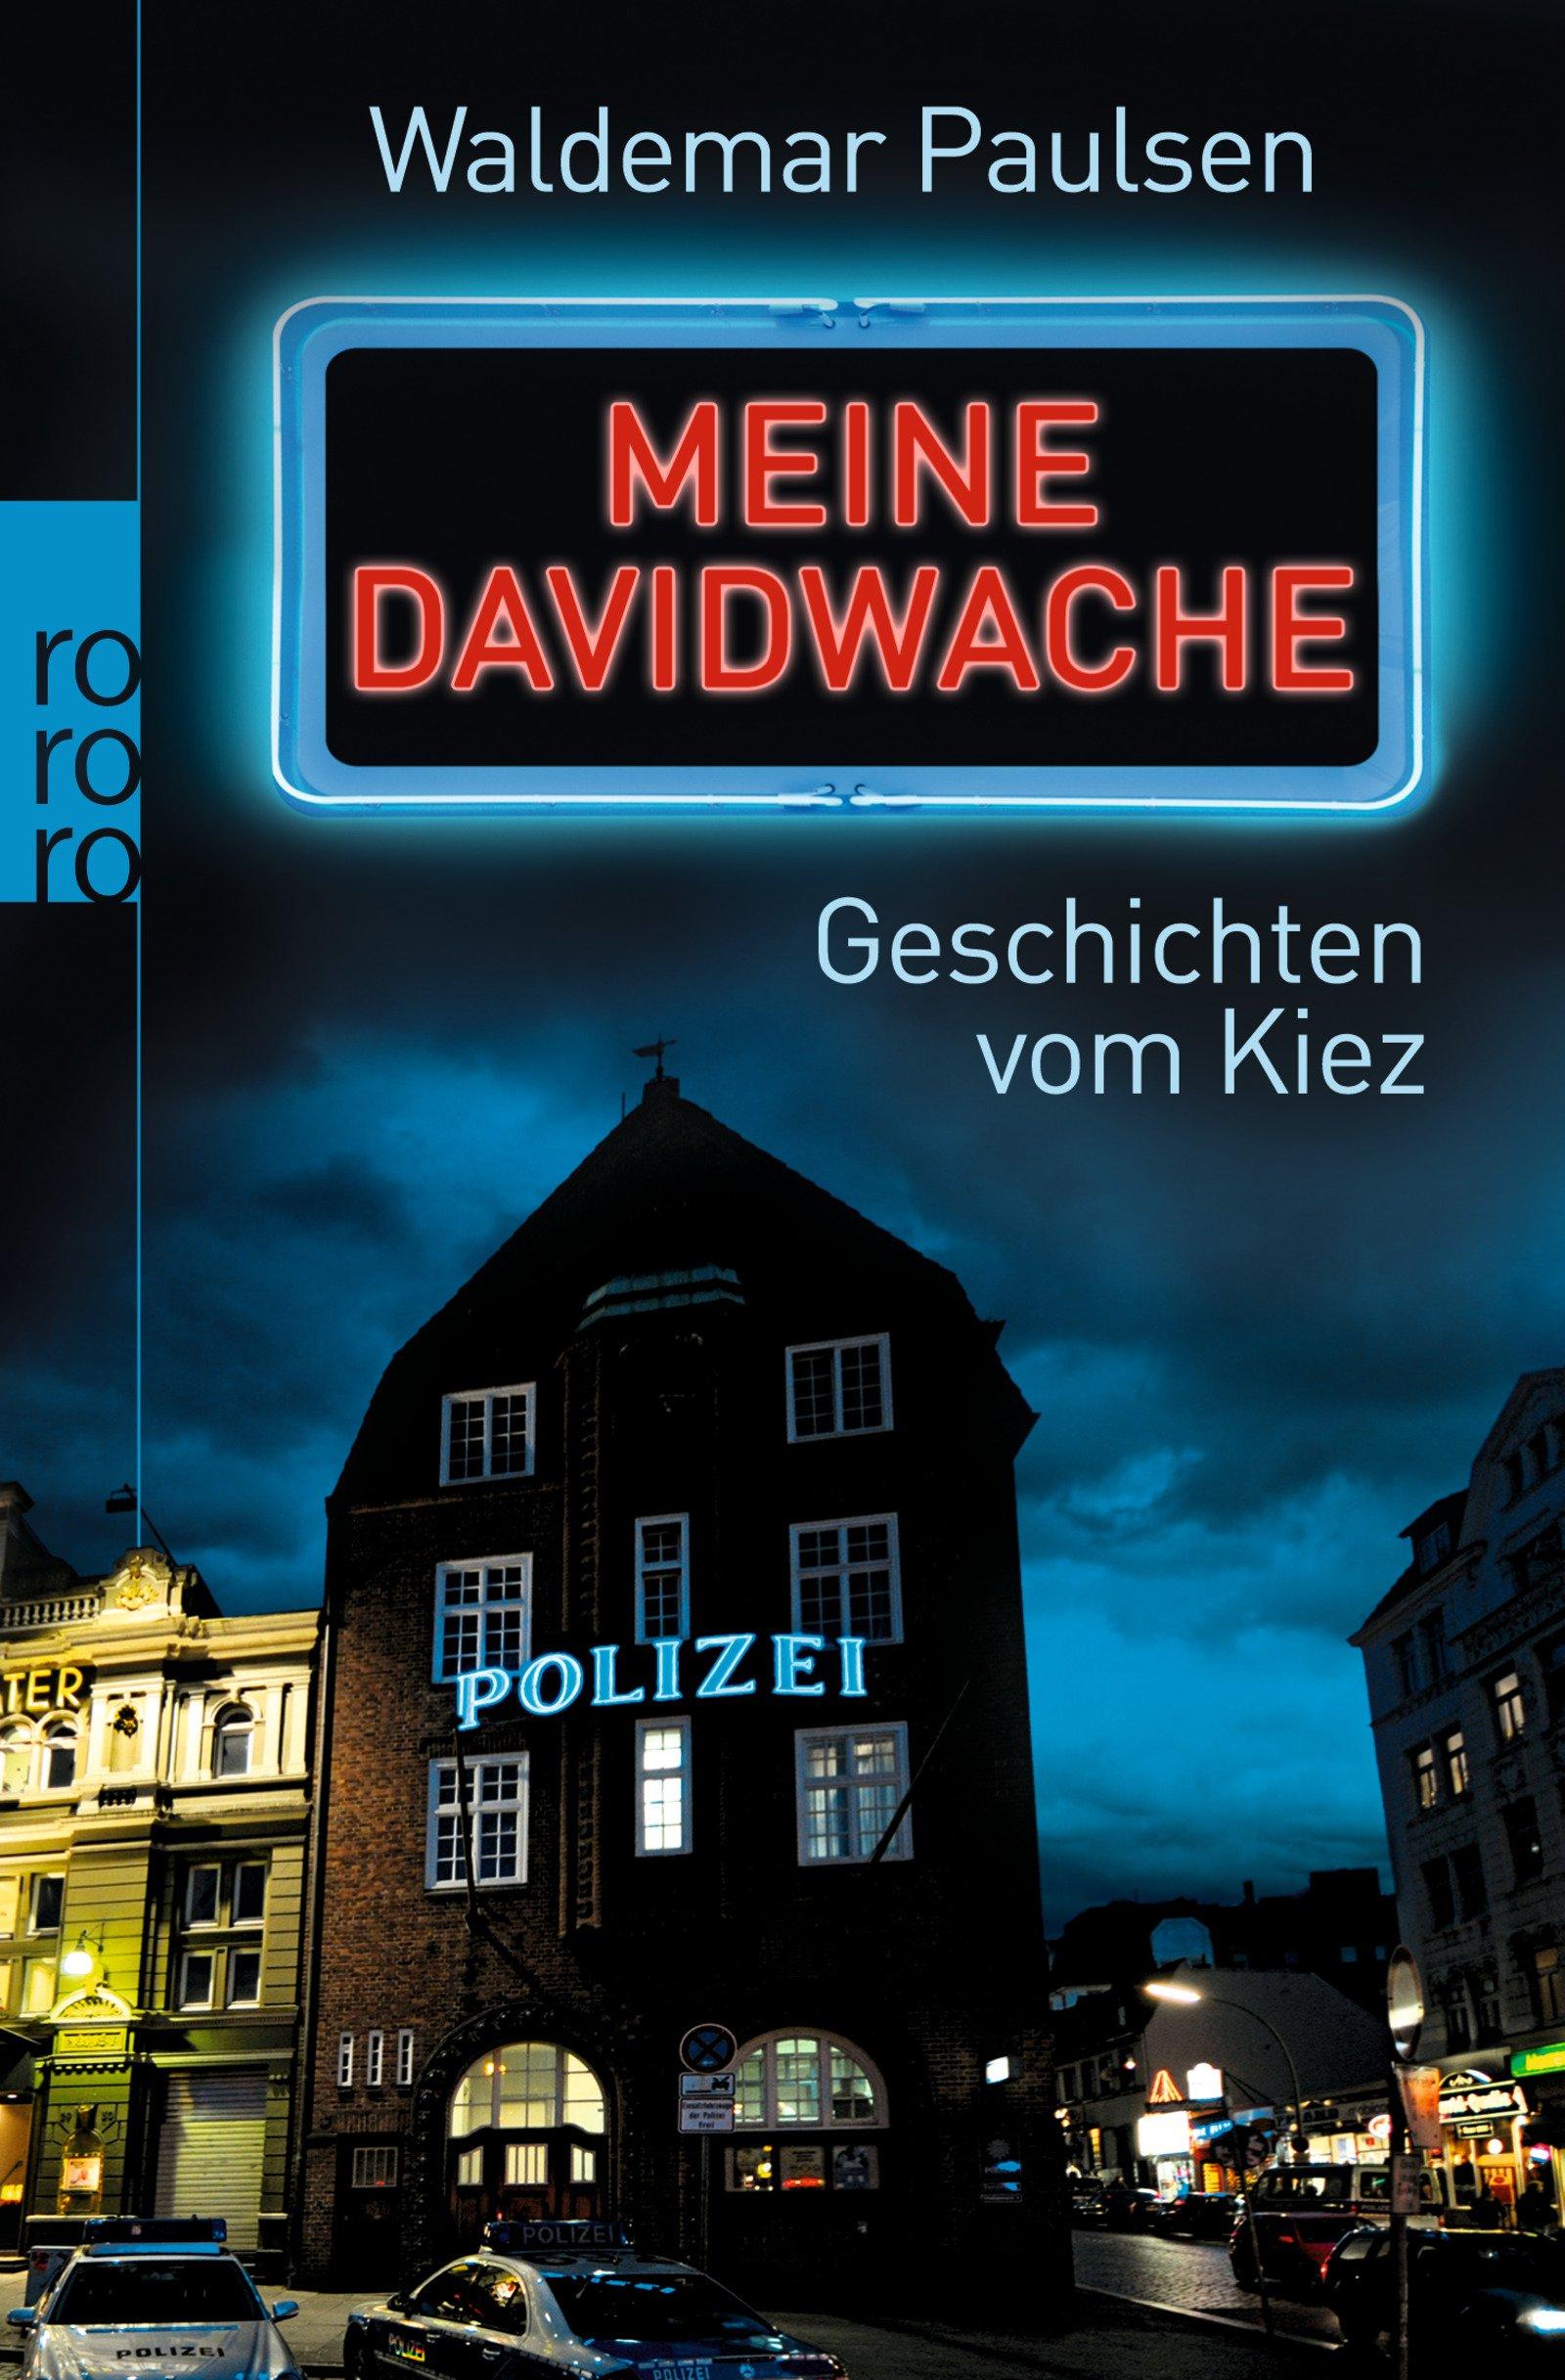 Meine Davidwache: Geschichten vom Kiez Taschenbuch – 1. Oktober 2012 Waldemar Paulsen Harald Stutte Rowohlt Taschenbuch 3499628392